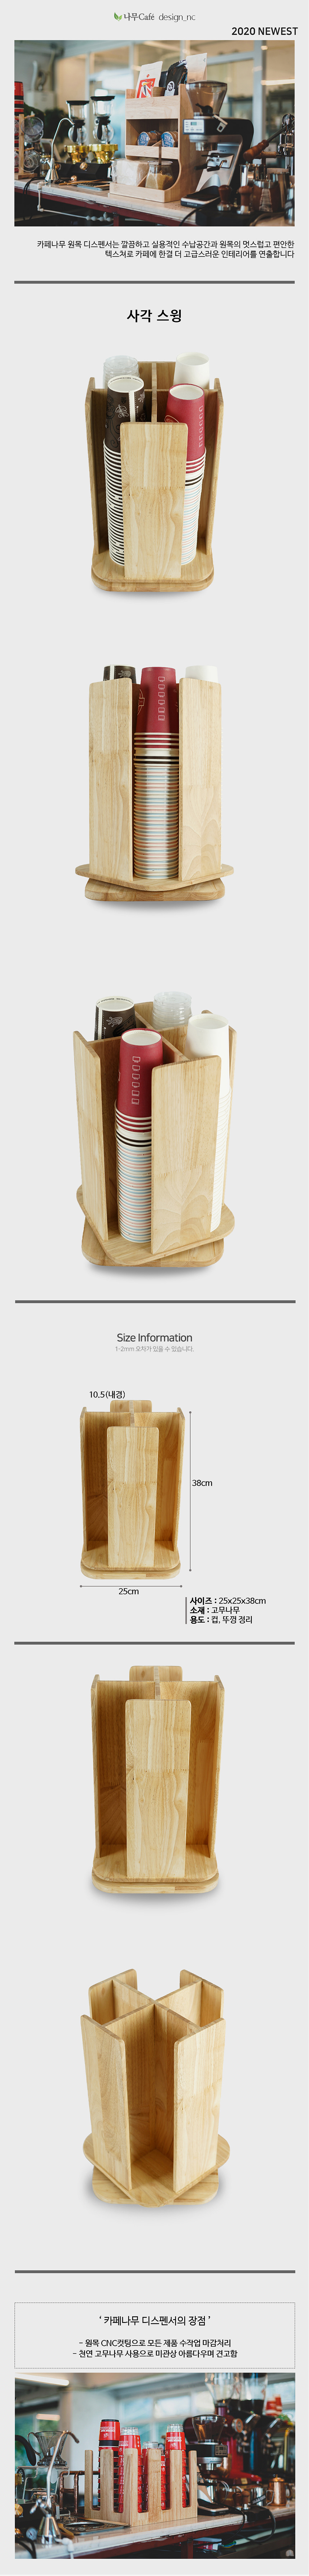 원목 사각스윙 - 디자인엔씨, 121,600원, 주방수납용품, 수납함